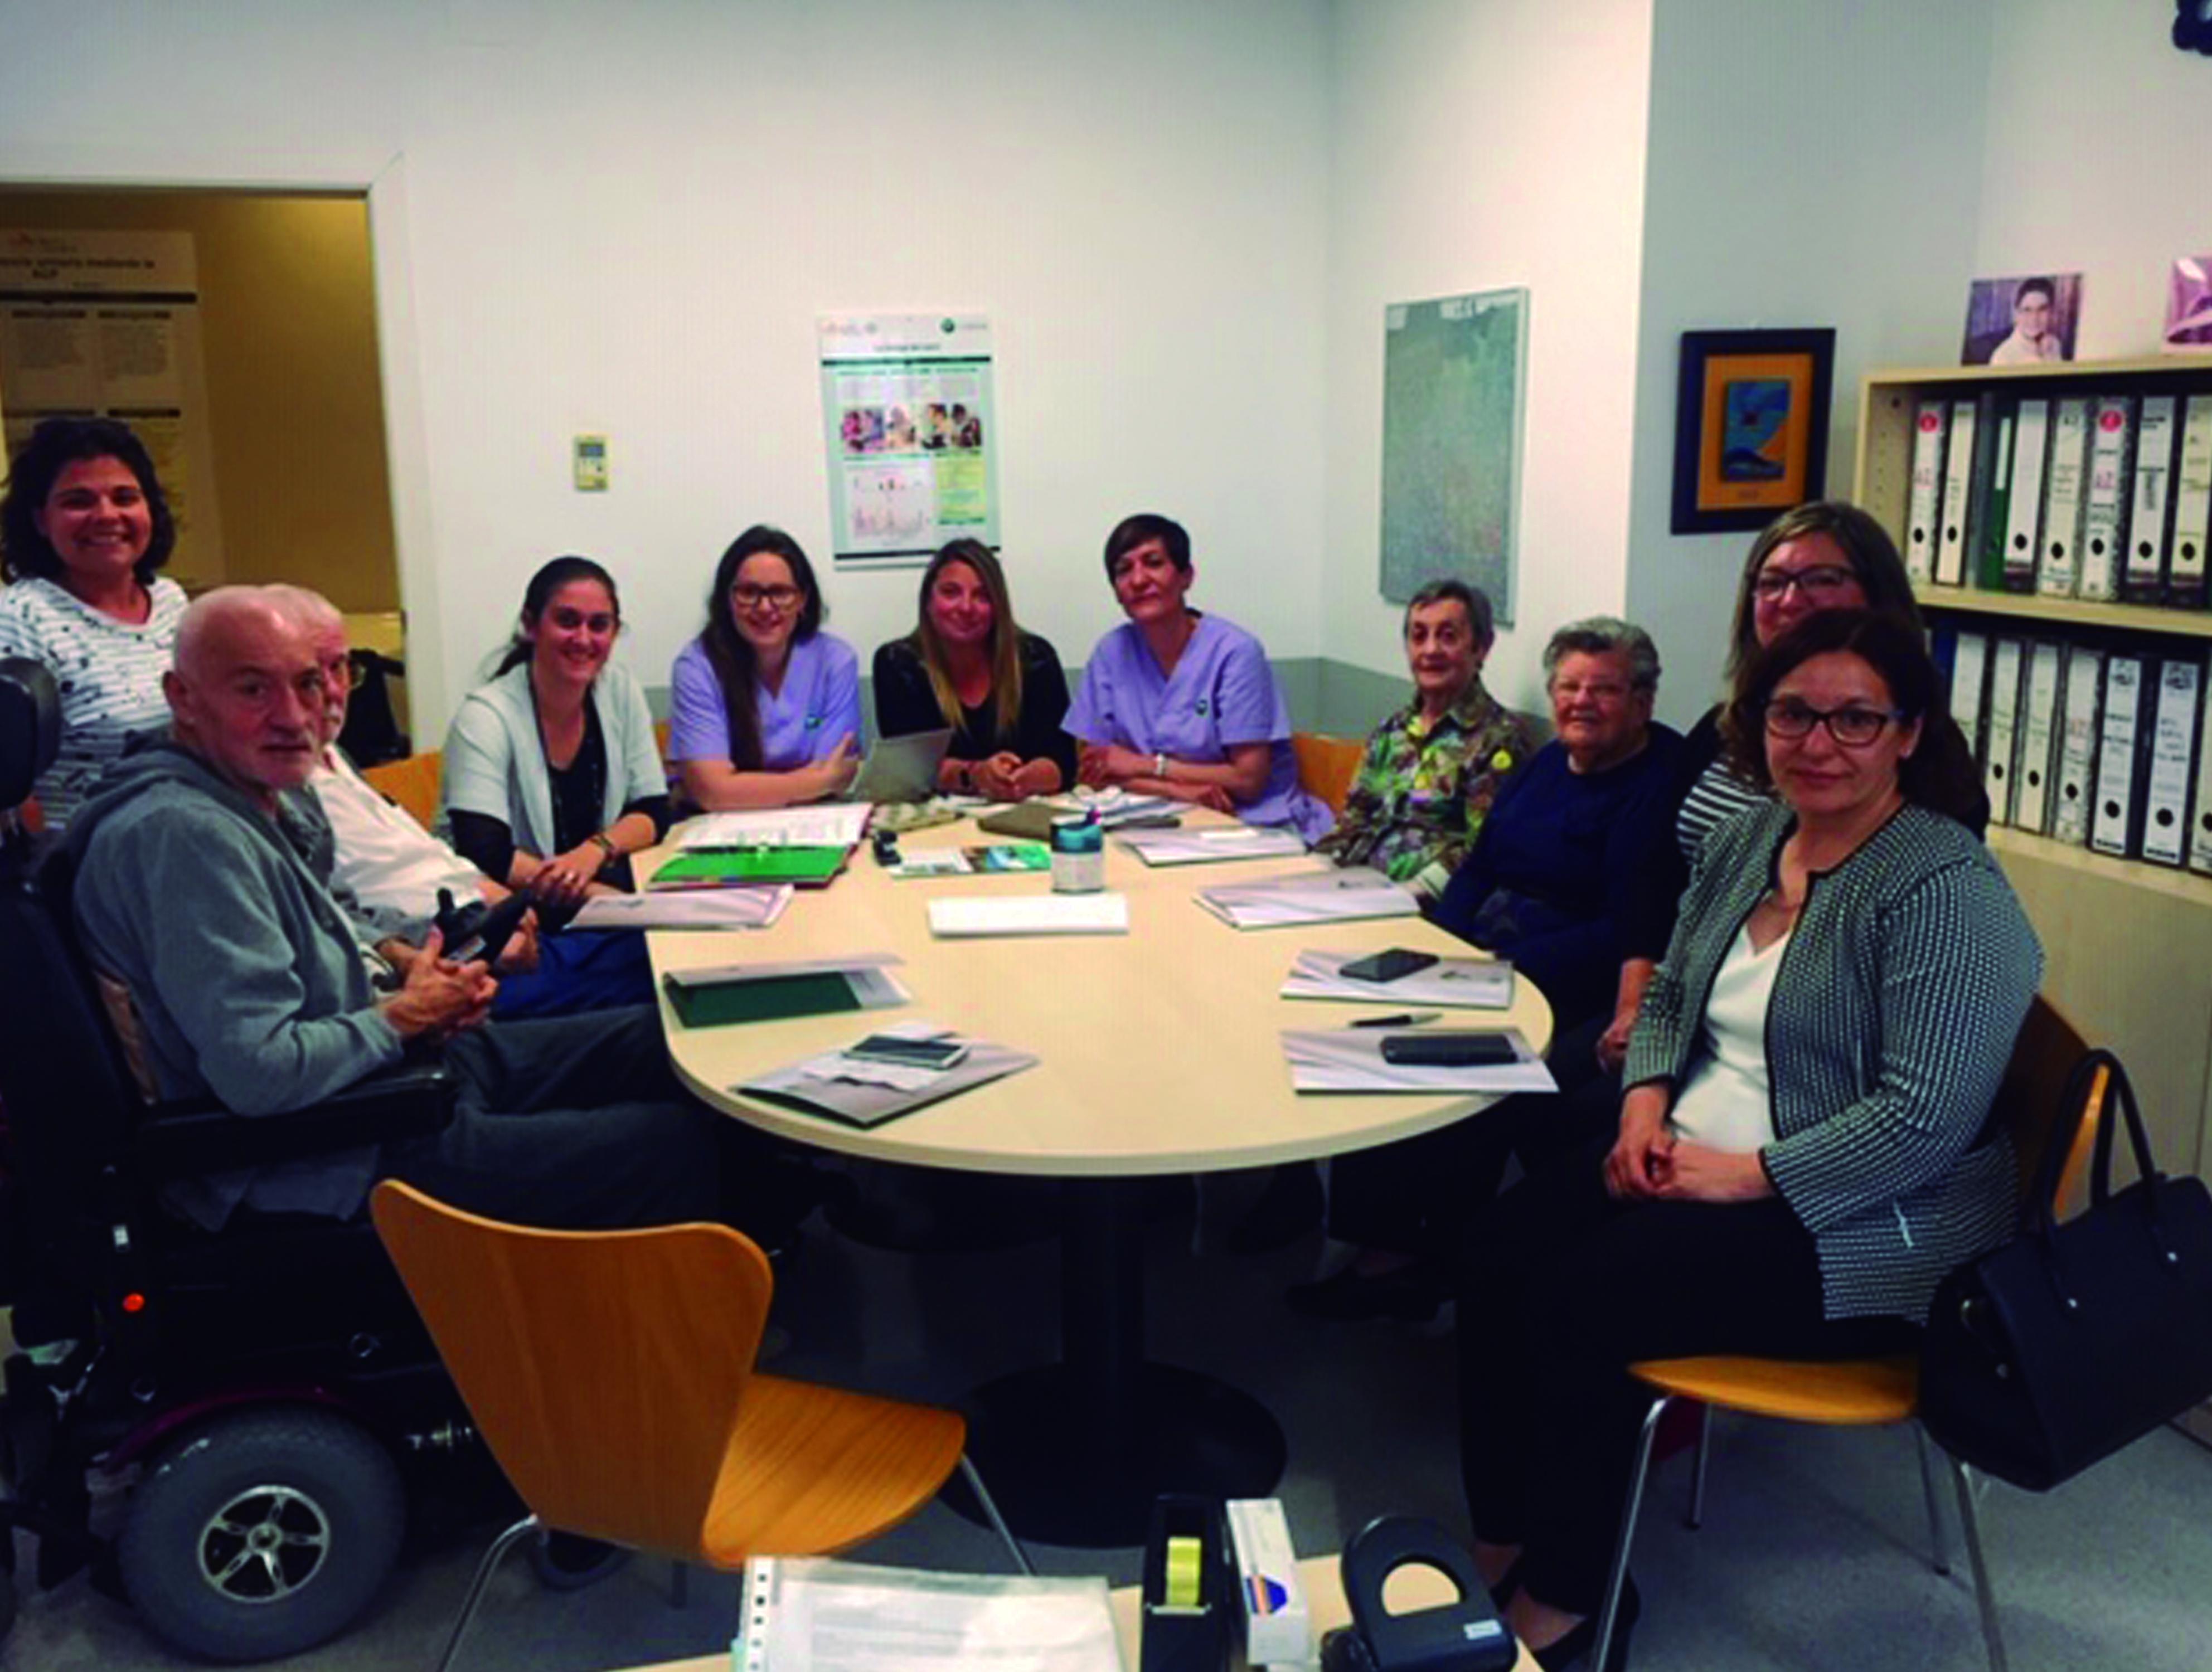 Consell participatiu Vila-seca